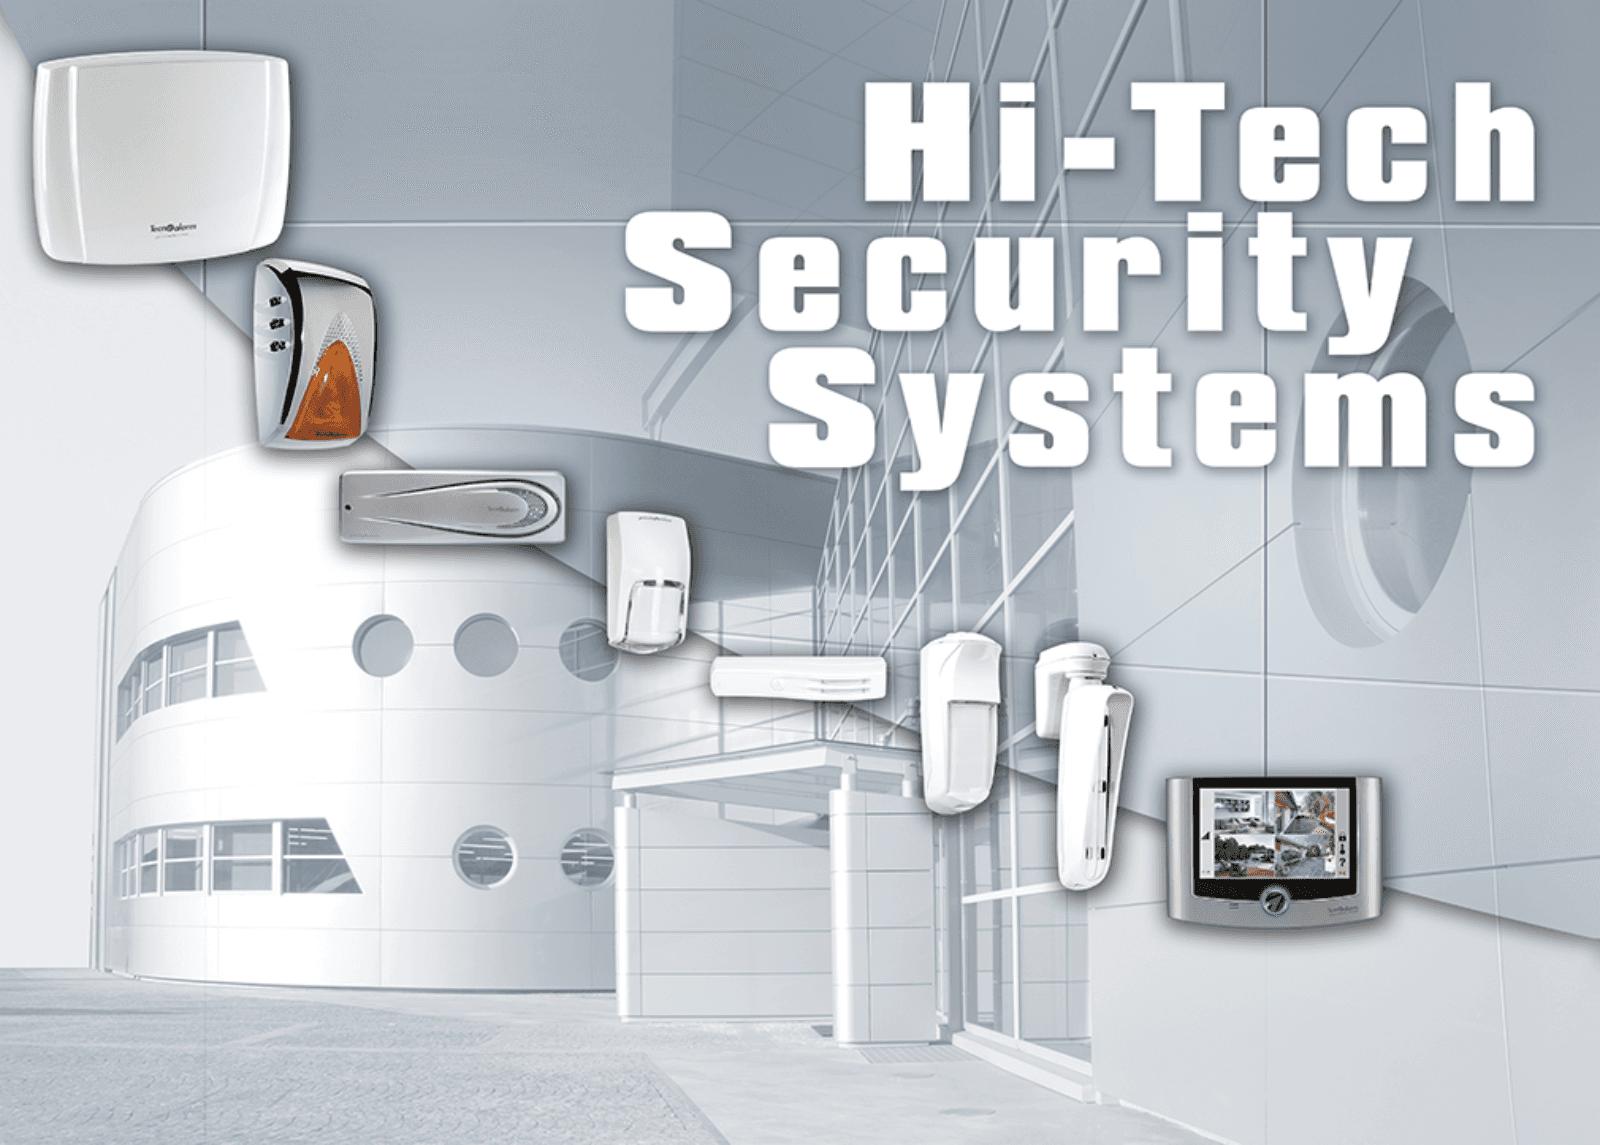 un dépliant di Hitech security systems